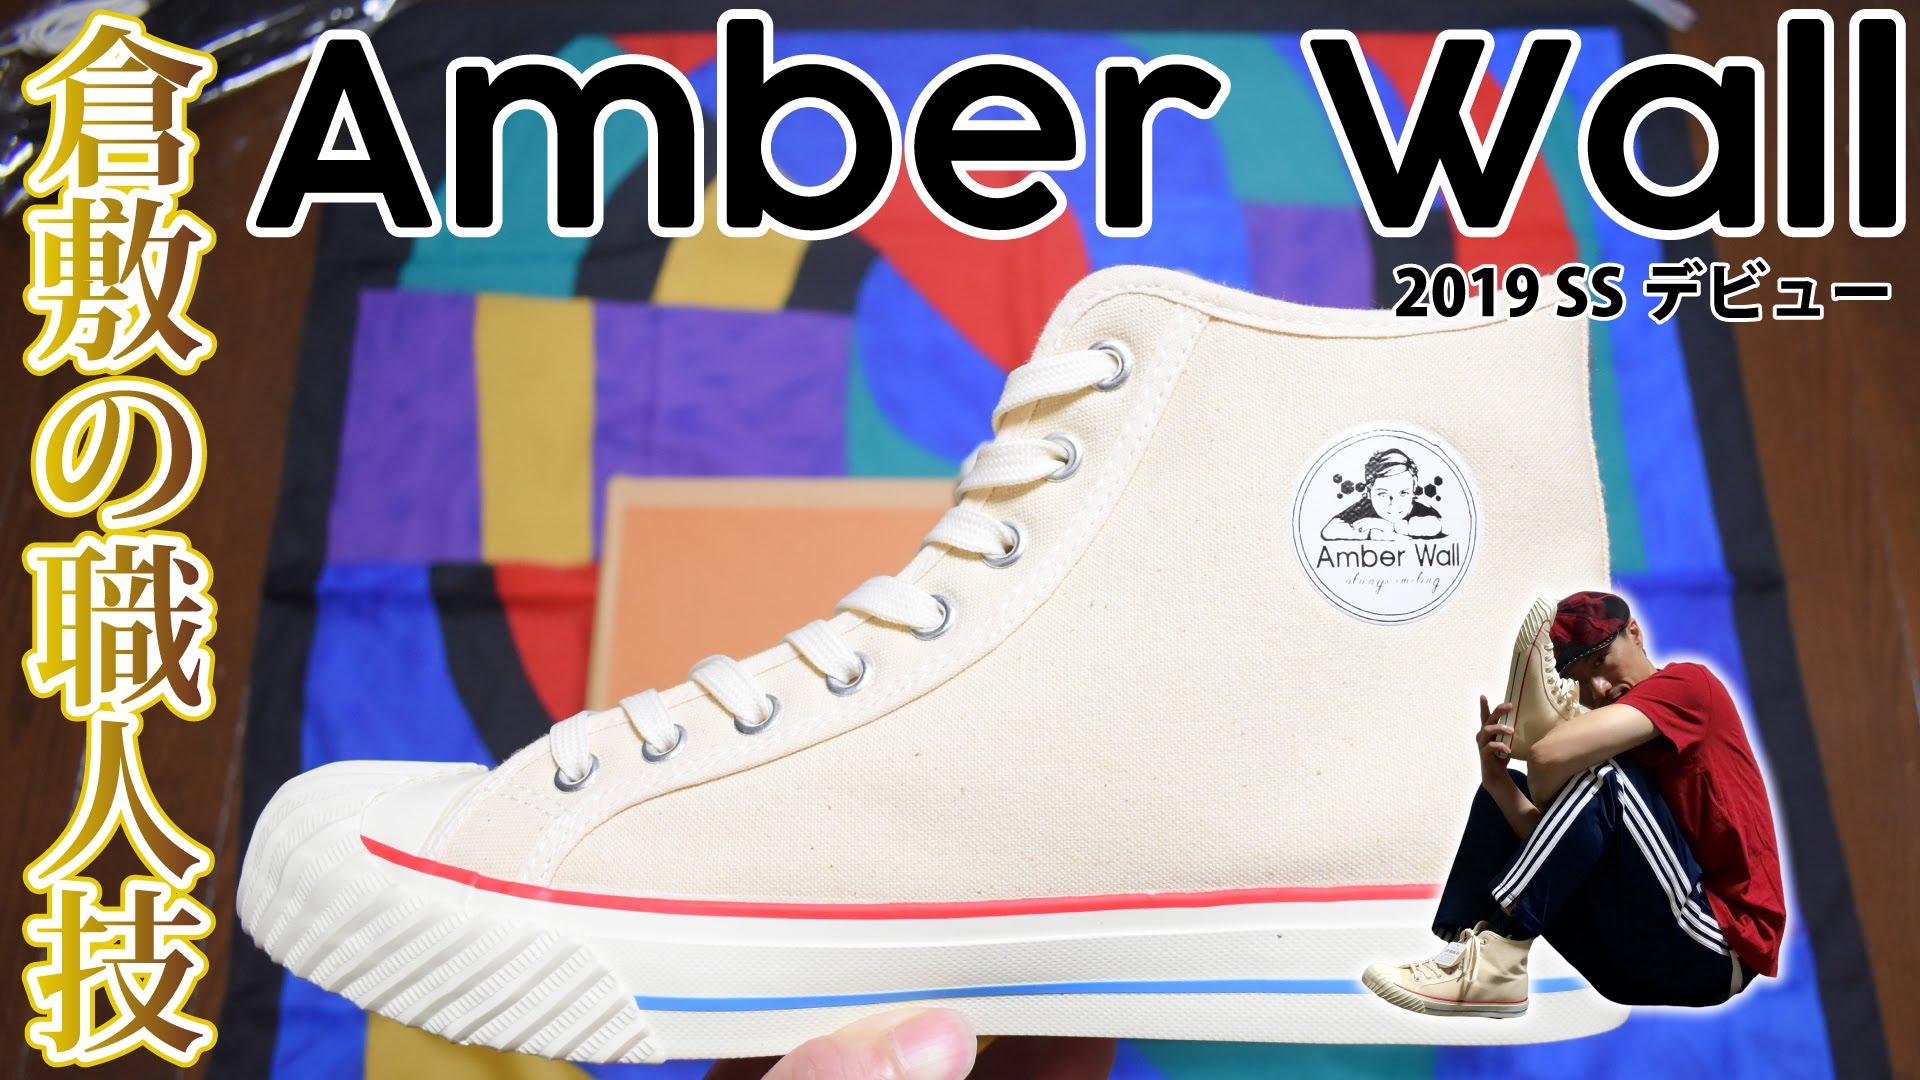 岡山県倉敷の職人技×HIP HOP 名作スニーカー AMBER WALL レビュー